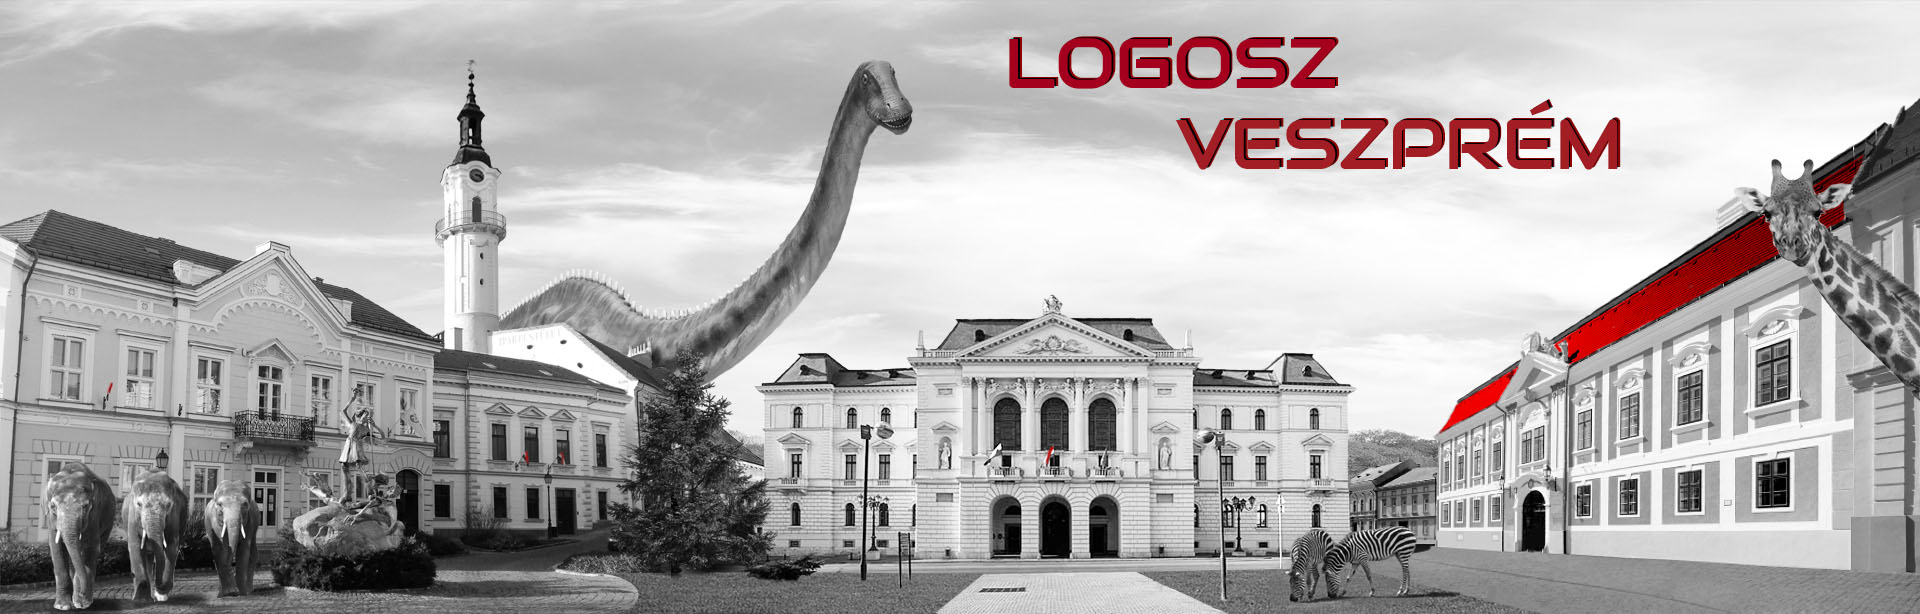 Logosz: Cégalapítás, székhelyszolgáltatás Veszprémn